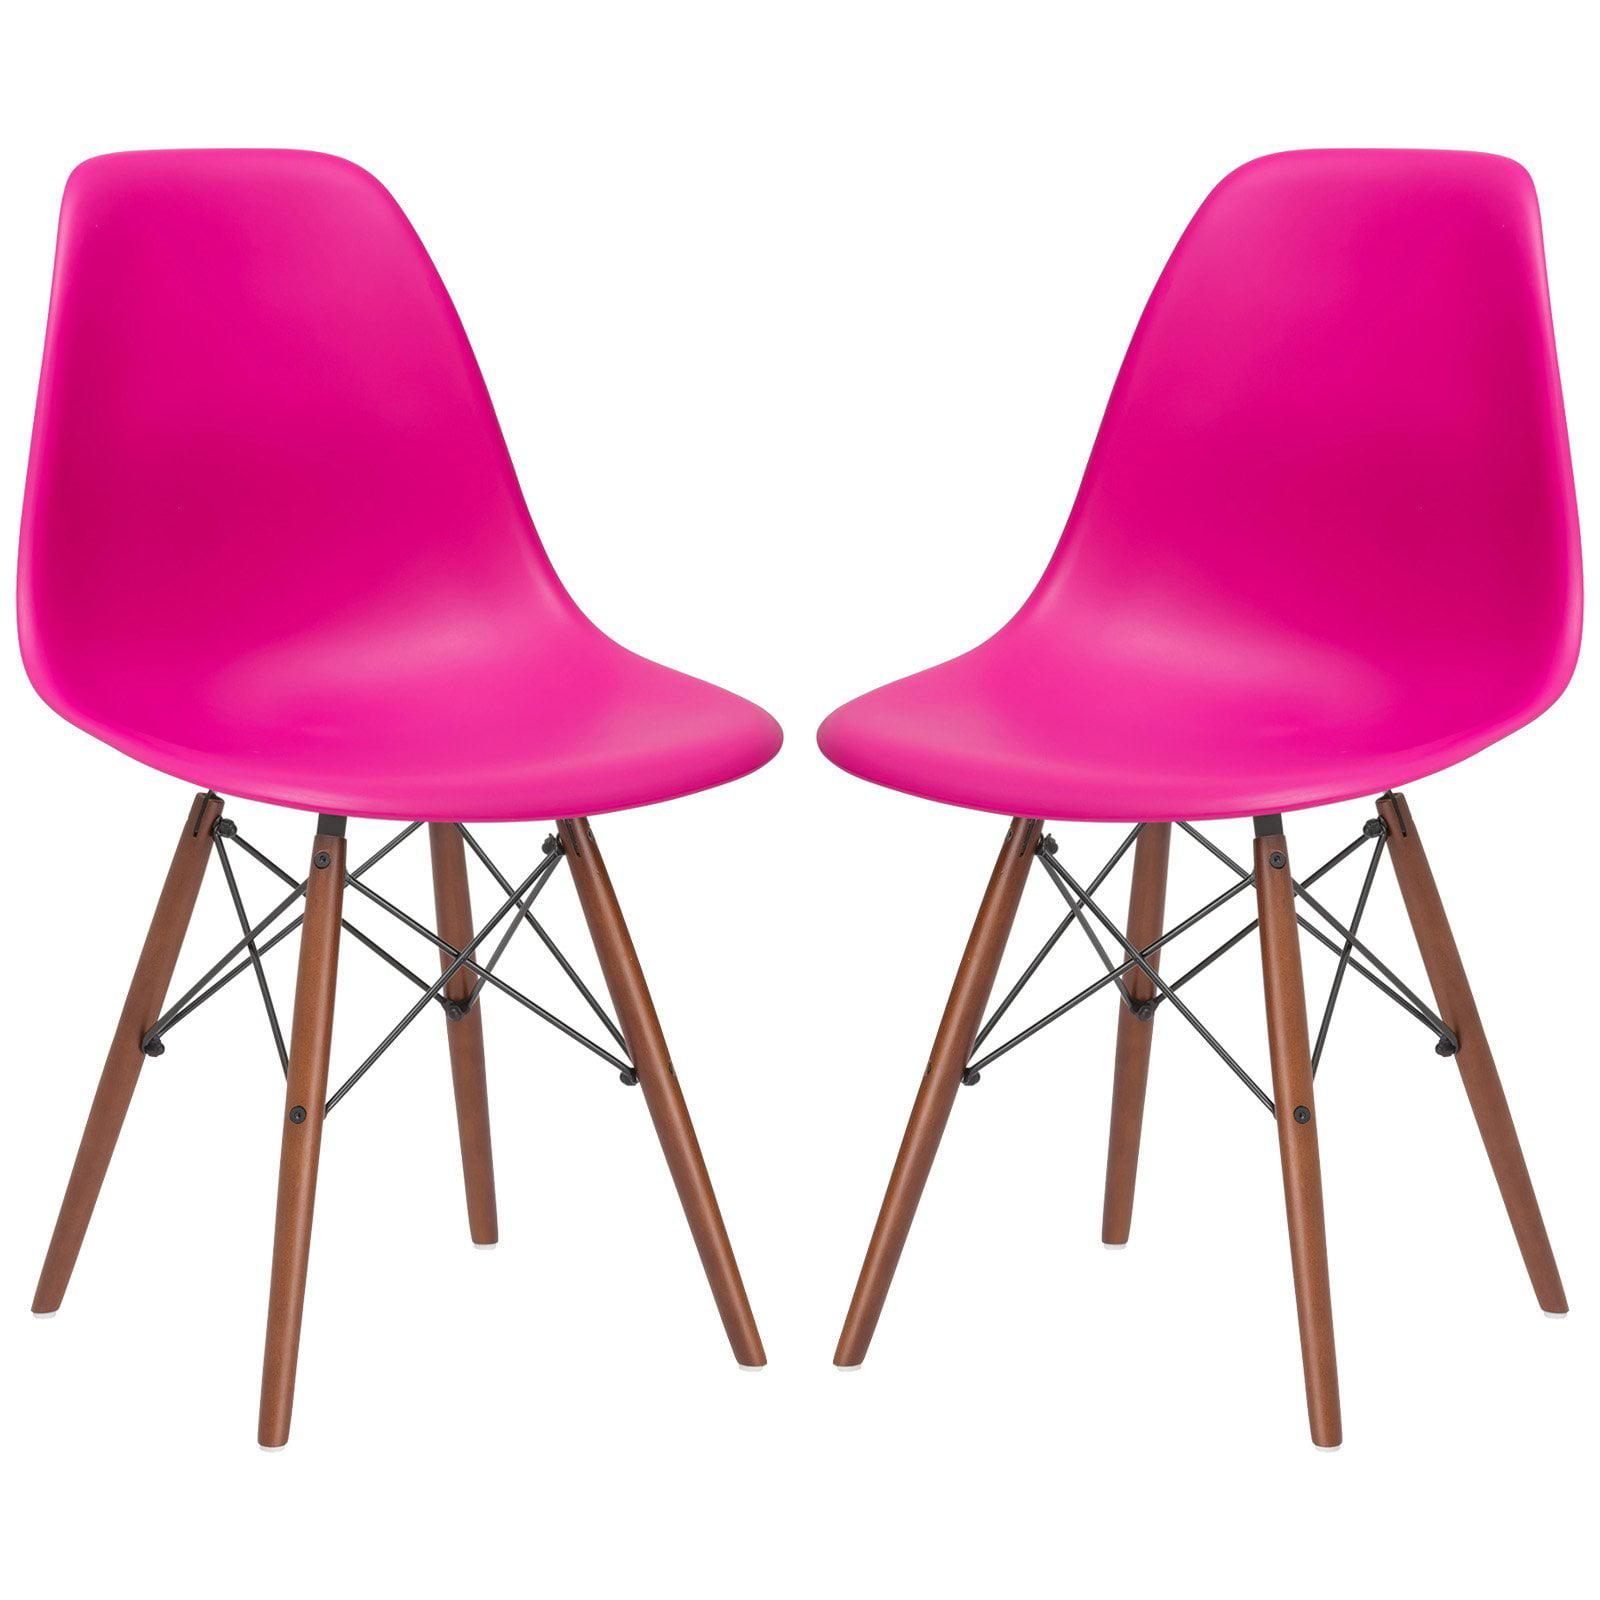 EdgeMod Vortex Side Chair with Walnut Legs - Set of 2